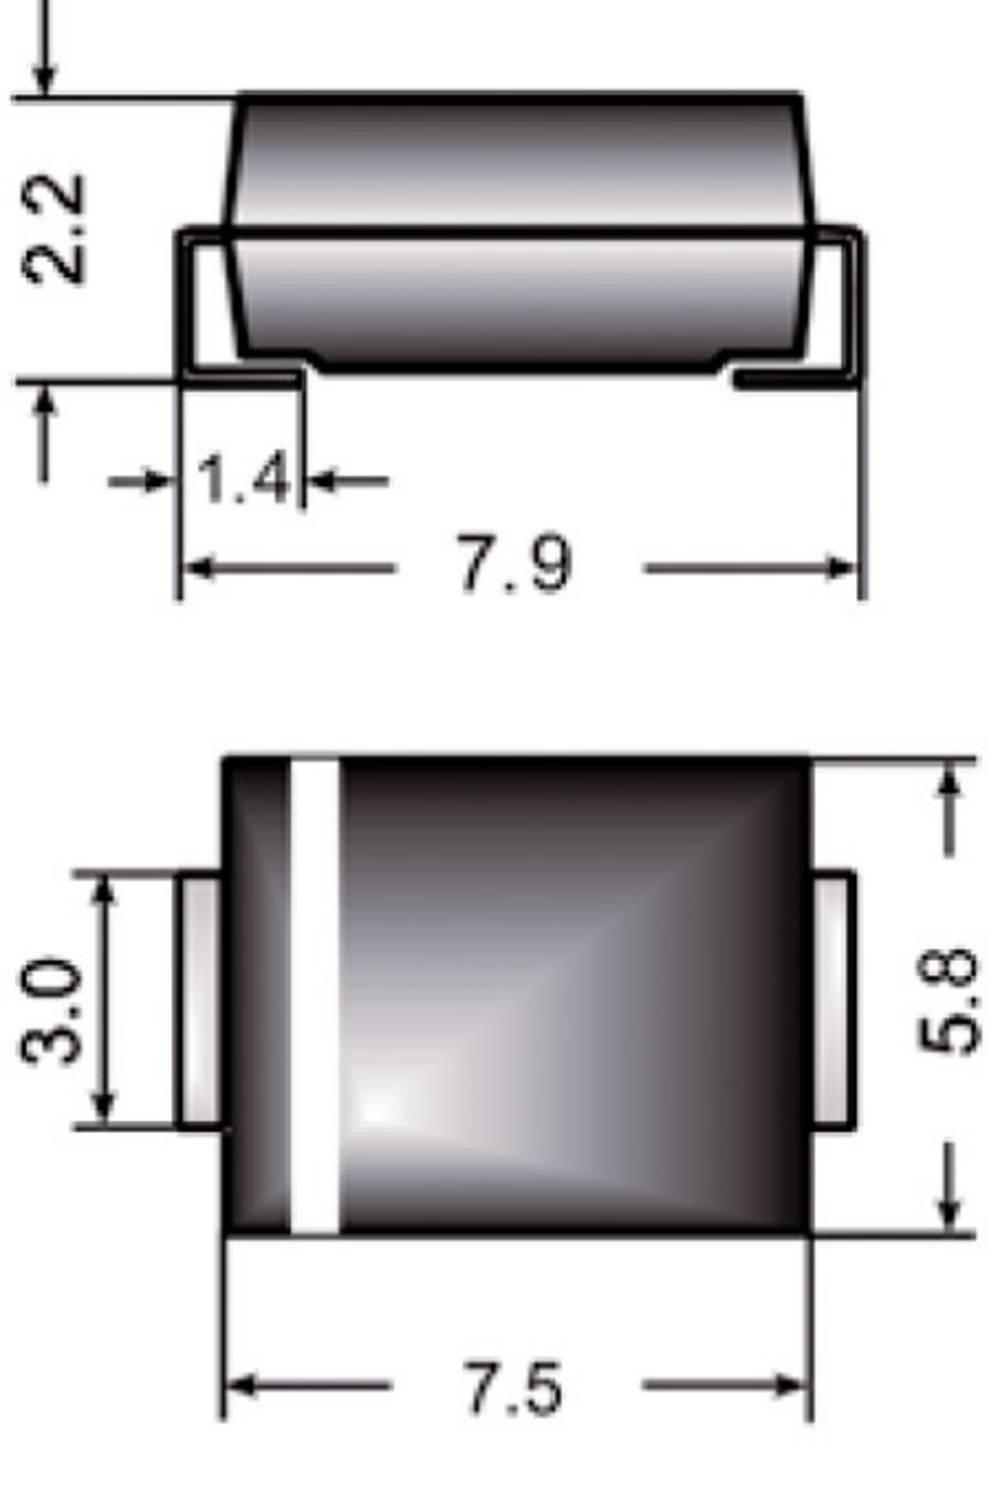 Zener dioda Z3SMC12 vrsta kućišta (poluvodič) DO-214AB Semikron Zener-napon 12 V snaga max. P(tot) 3 W